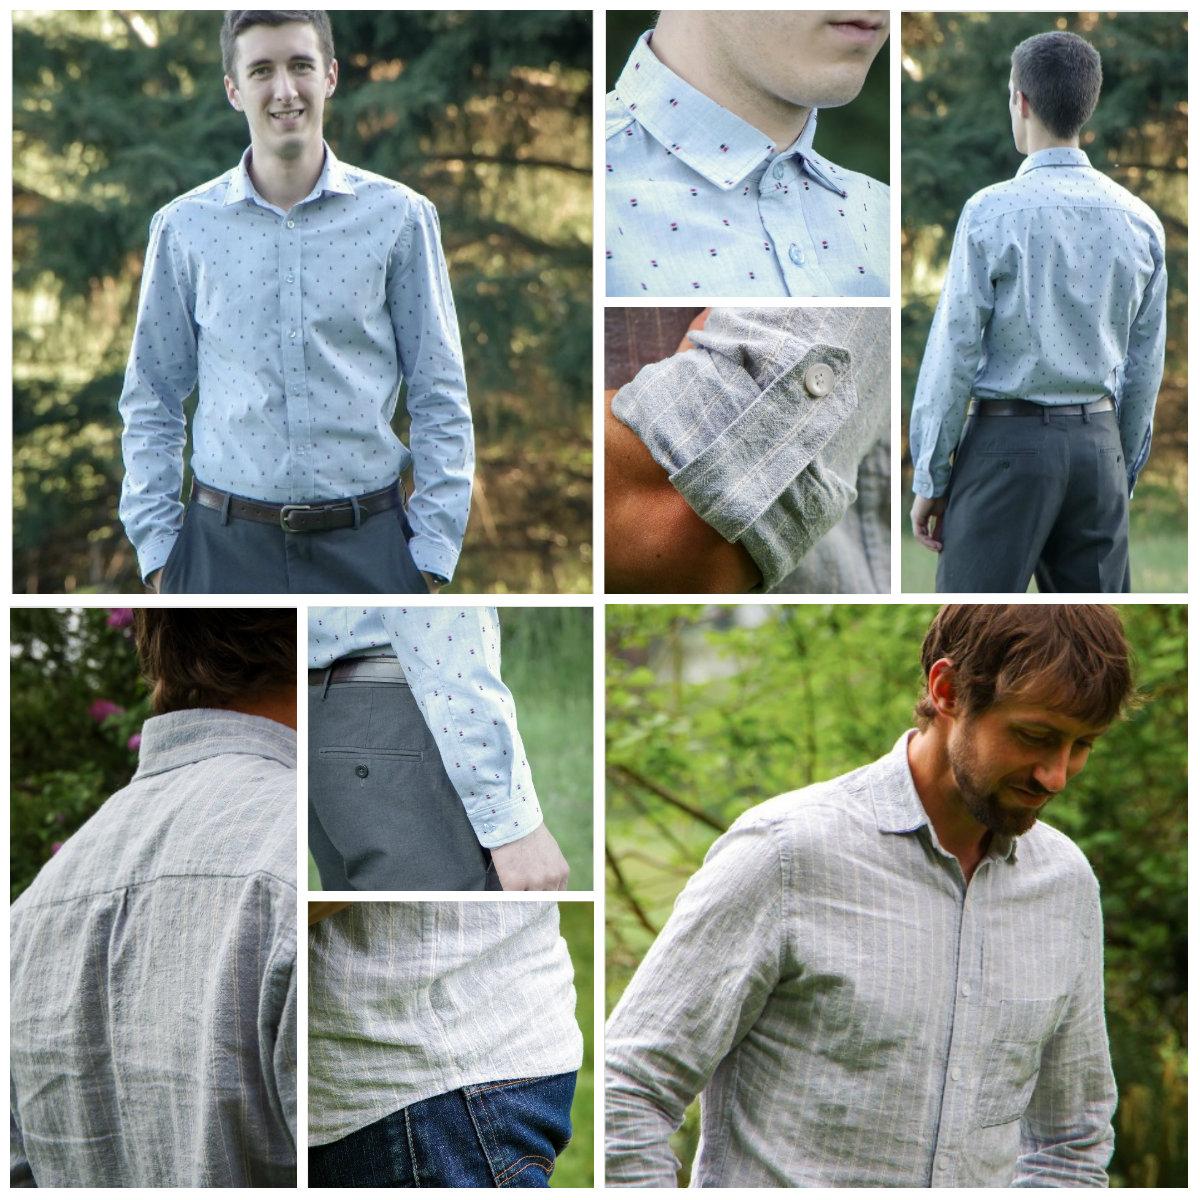 417e281f421 Thread Theory Designs 10 Fairfield Button-up Shirt